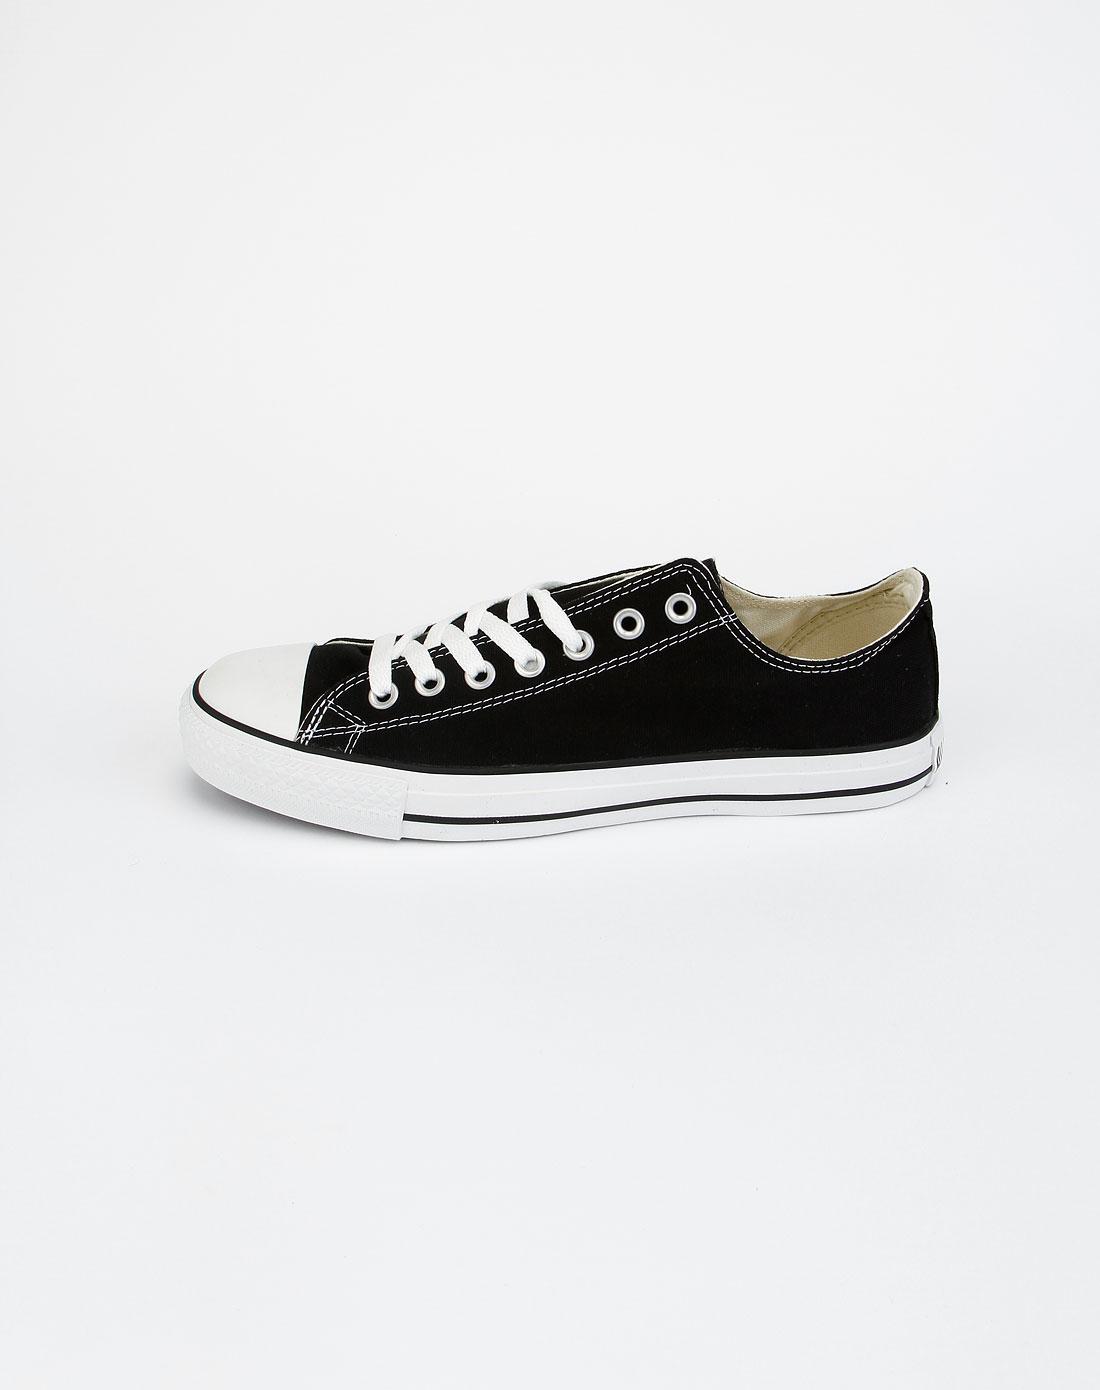 运动品牌匡威 中性黑色经典低帮布鞋101001